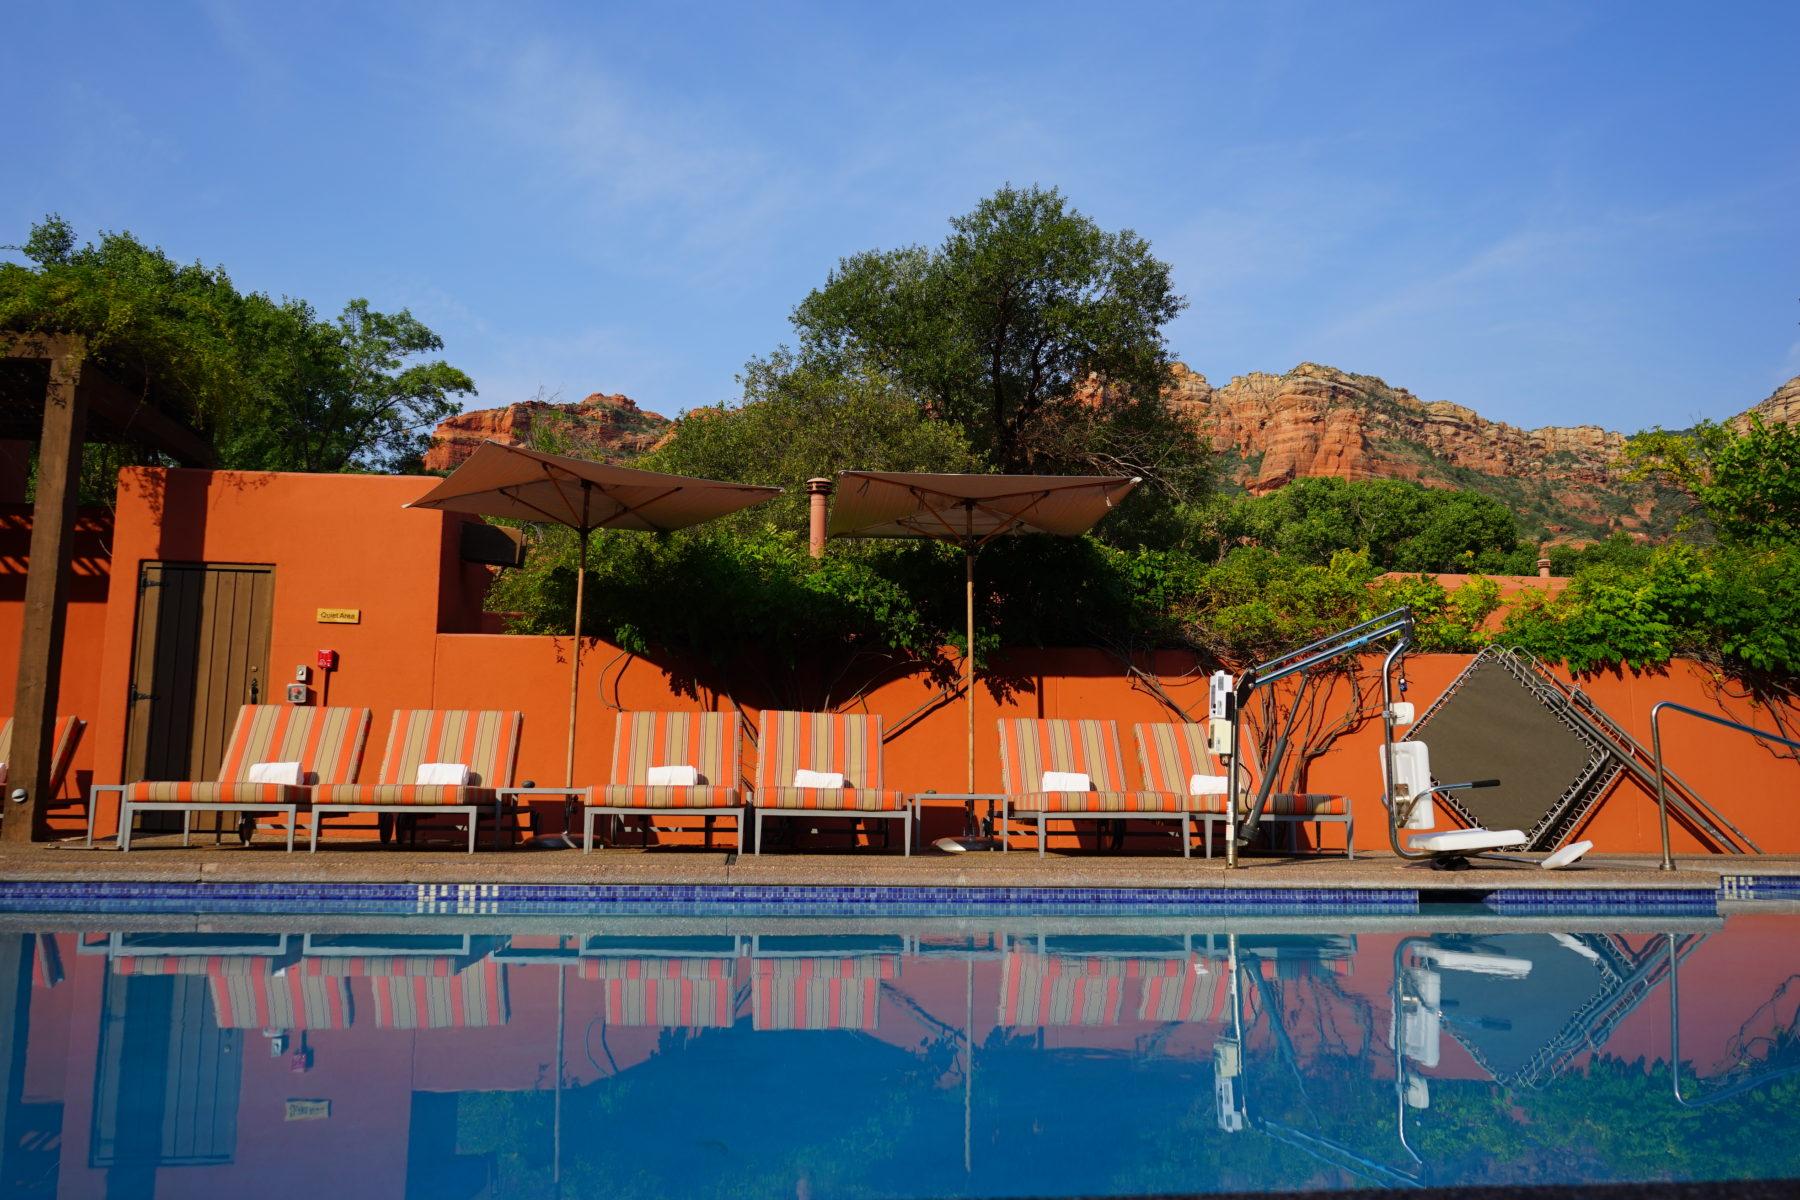 【セドナ&ナパ旅行記】セドナの最高級ホテル・エンチャントメント・リゾート